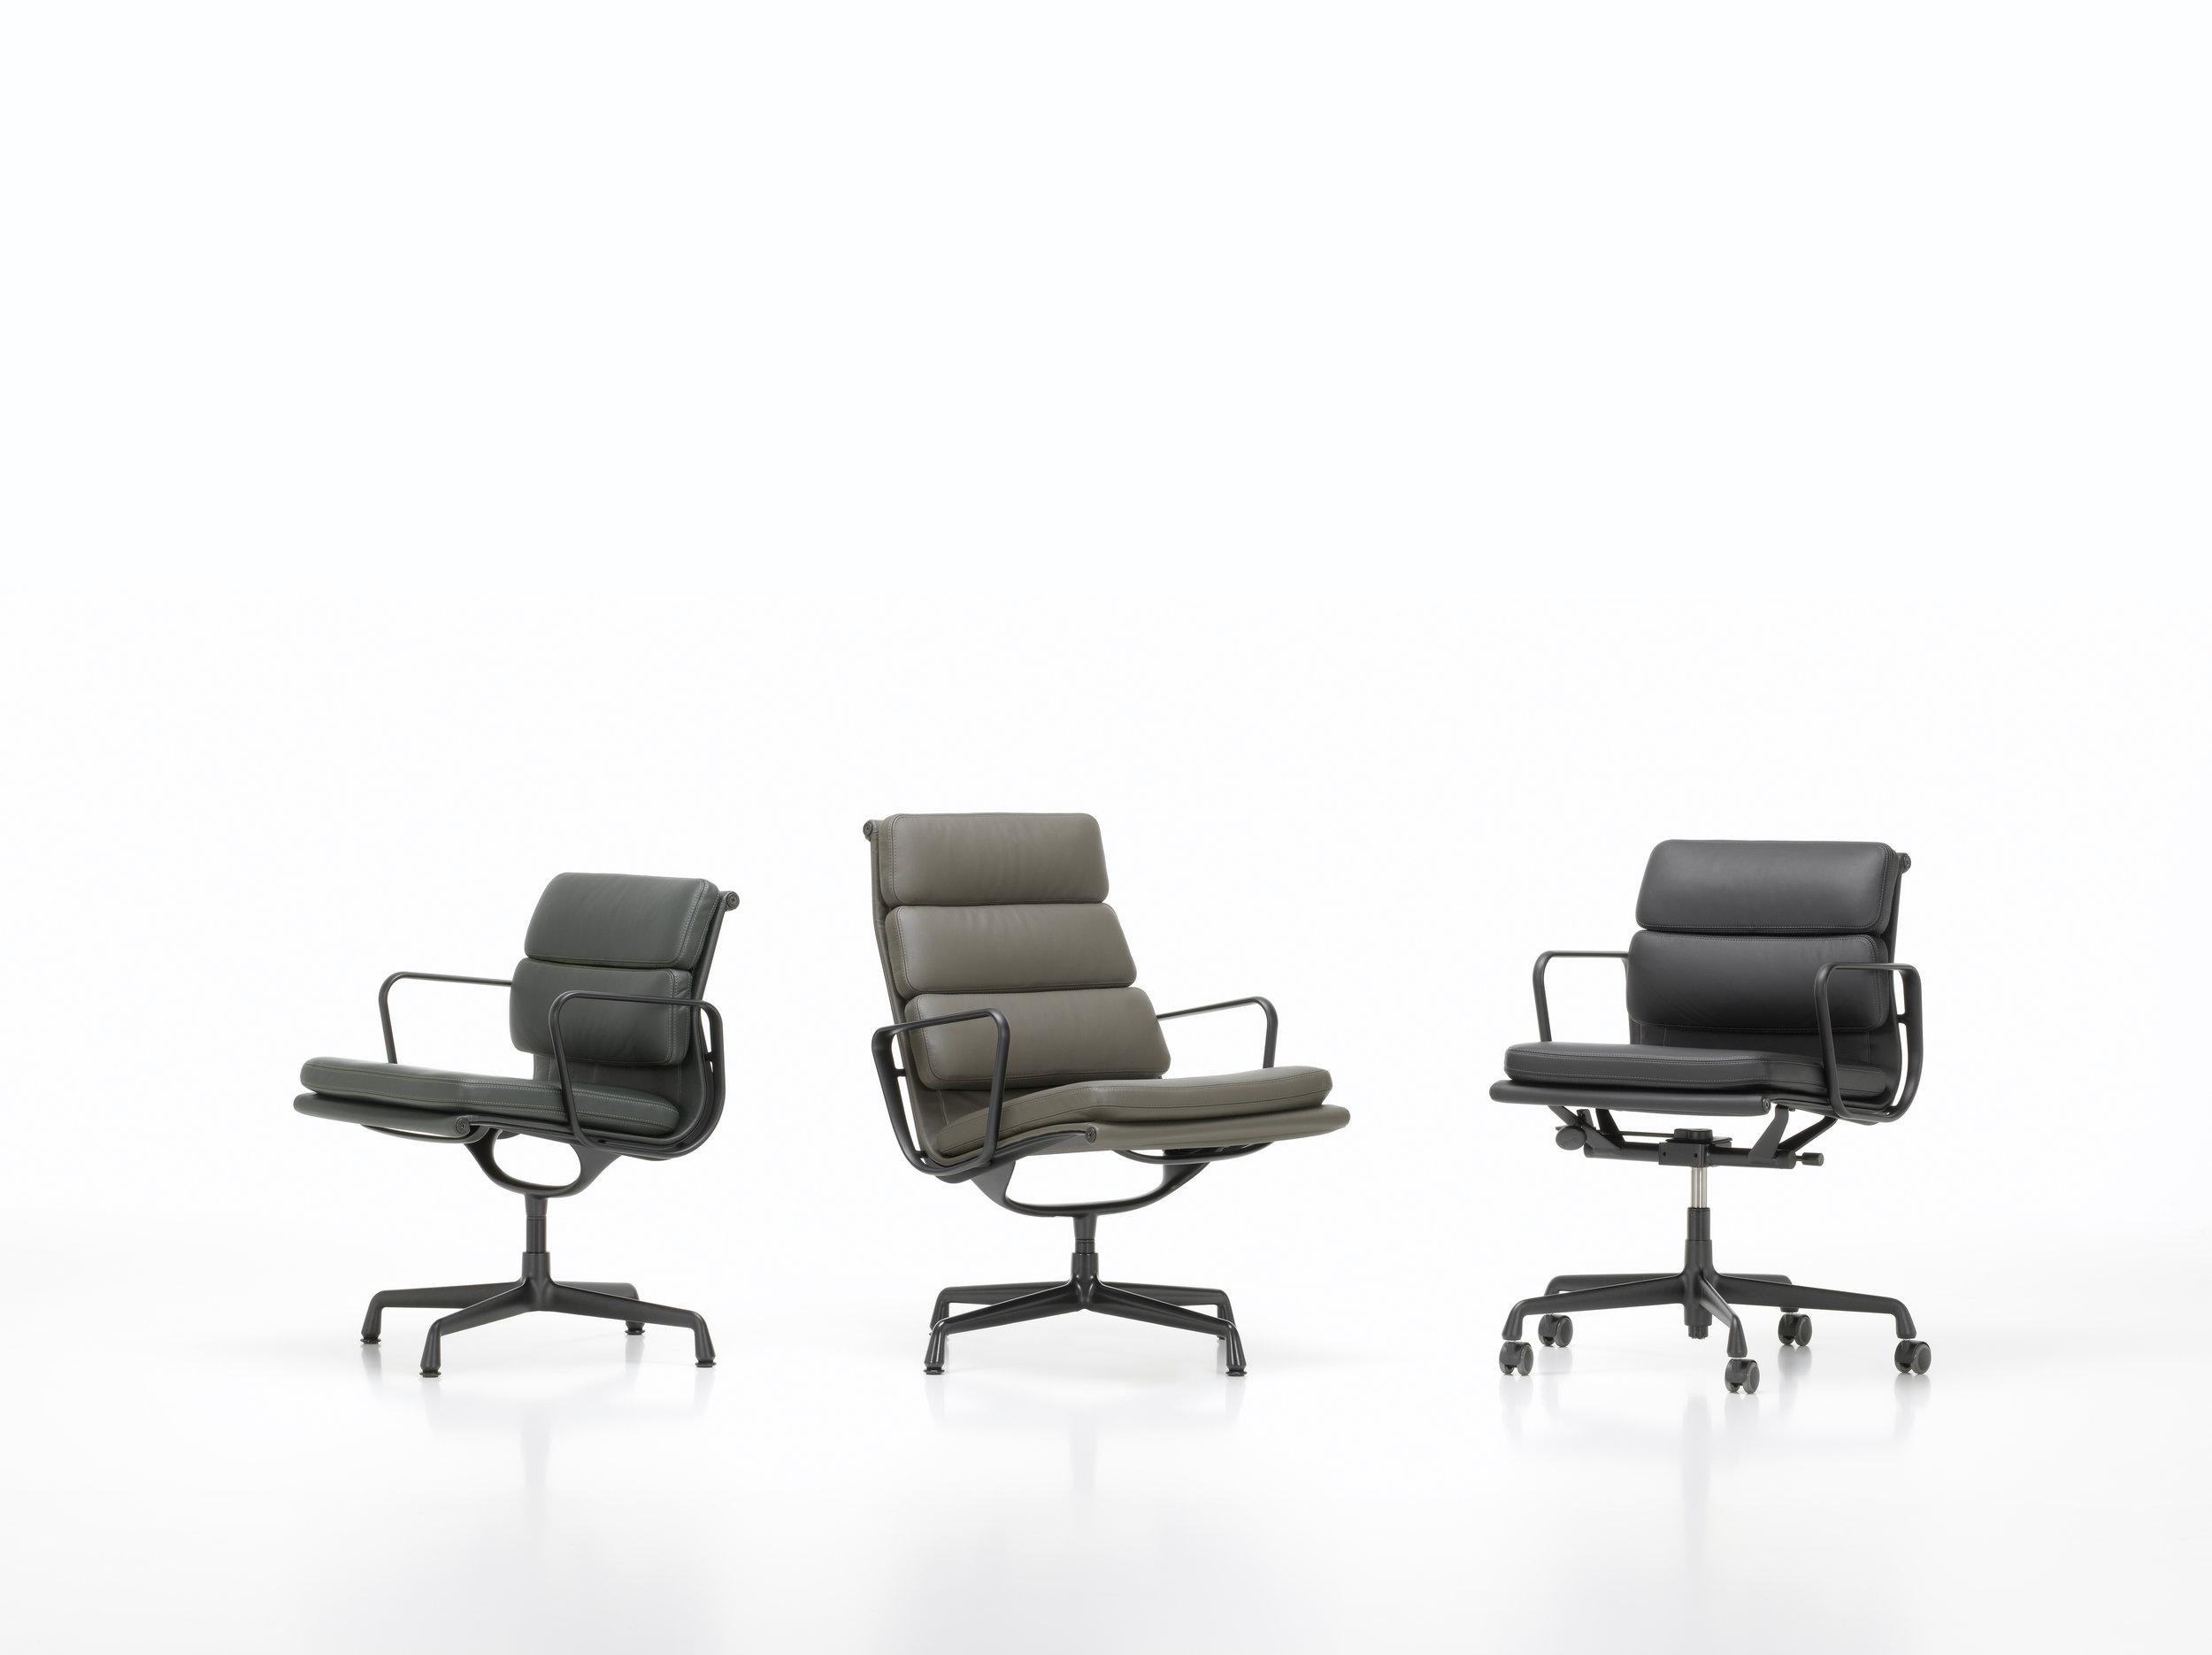 Vitra Loncin Hasselt Leuven Zoutleeuw Mechelen brussel Bruxelles brabant en Limburg design meubelwinkel  2512692_Soft  Pad Chair Group_master.jpg